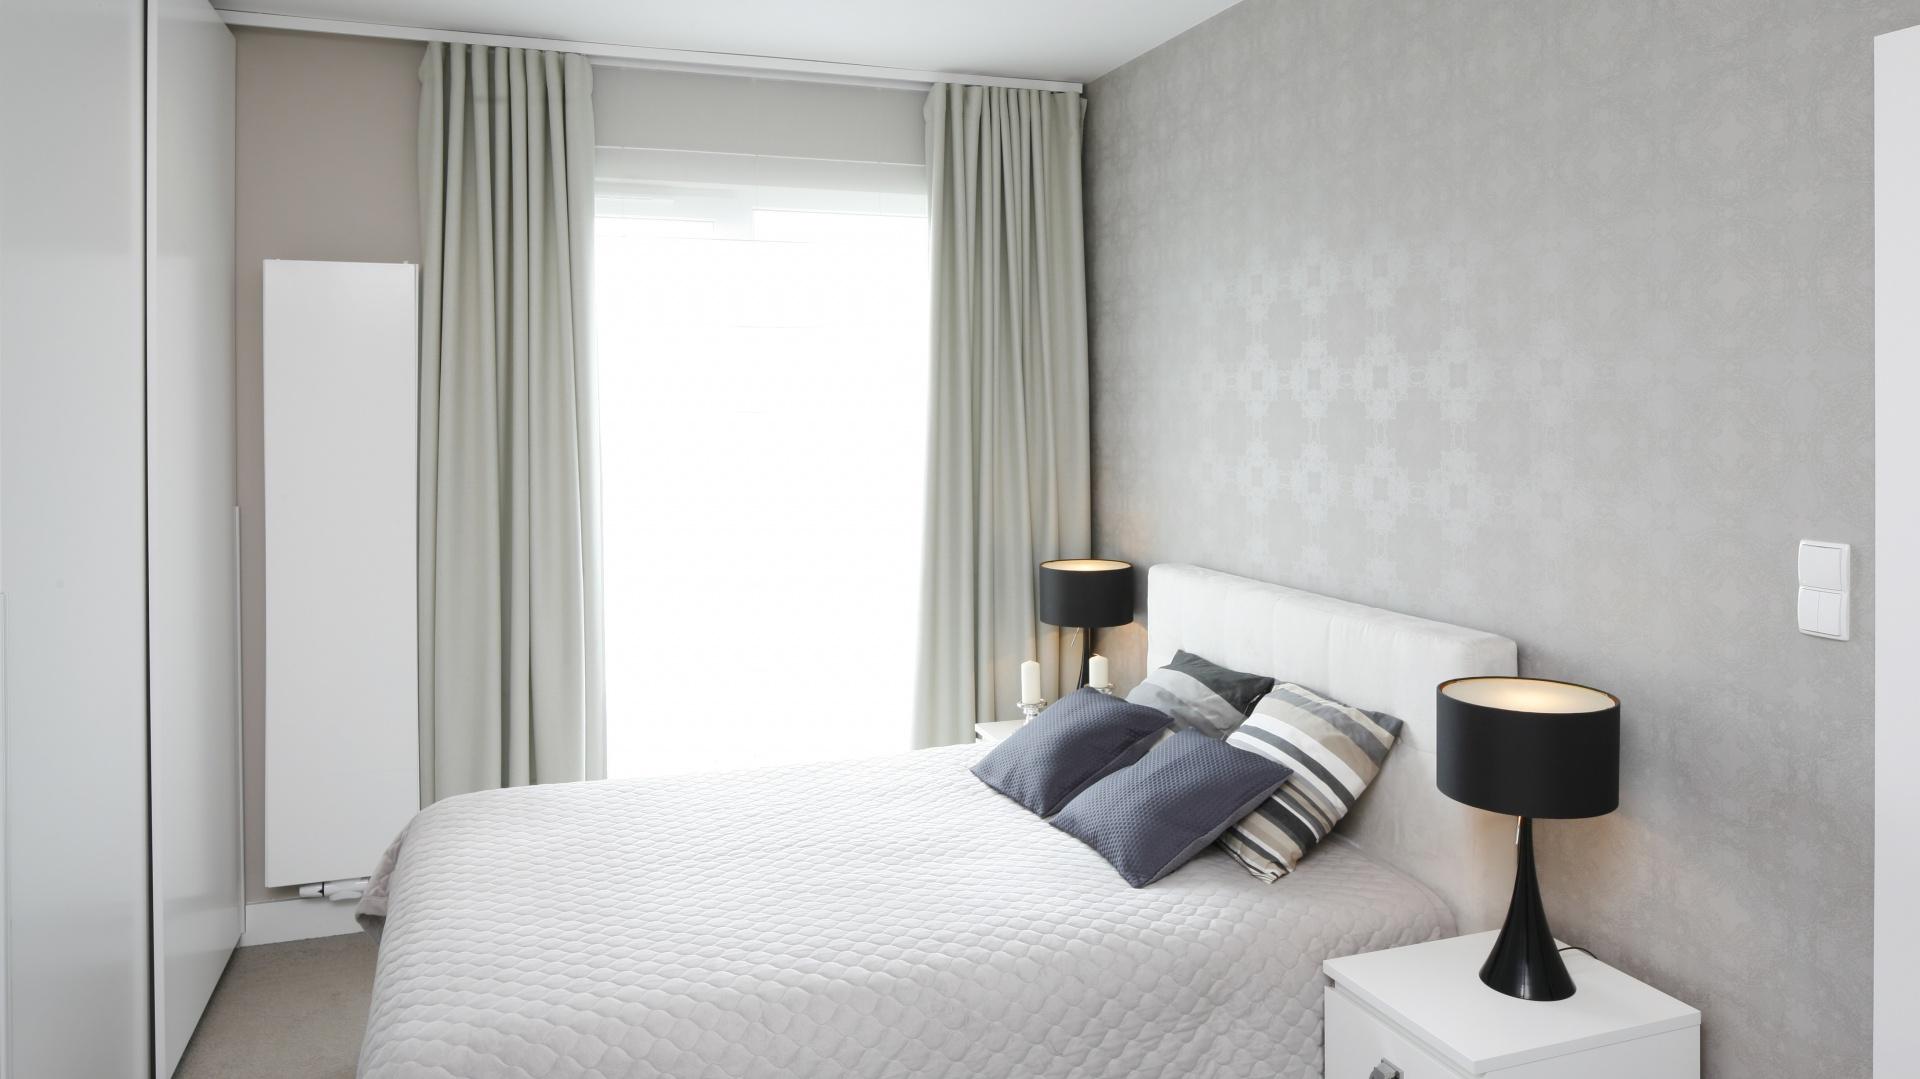 Jasne łóżko z tekstylnym zagłówkiem w kolorze ecru stanęło na tle ściany wykończonej piękną szarą tapetą z elegancki, bardzo subtelnym wzorem. Projekt: Małgorzata Galewska. Fot. Bartosz Jarosz